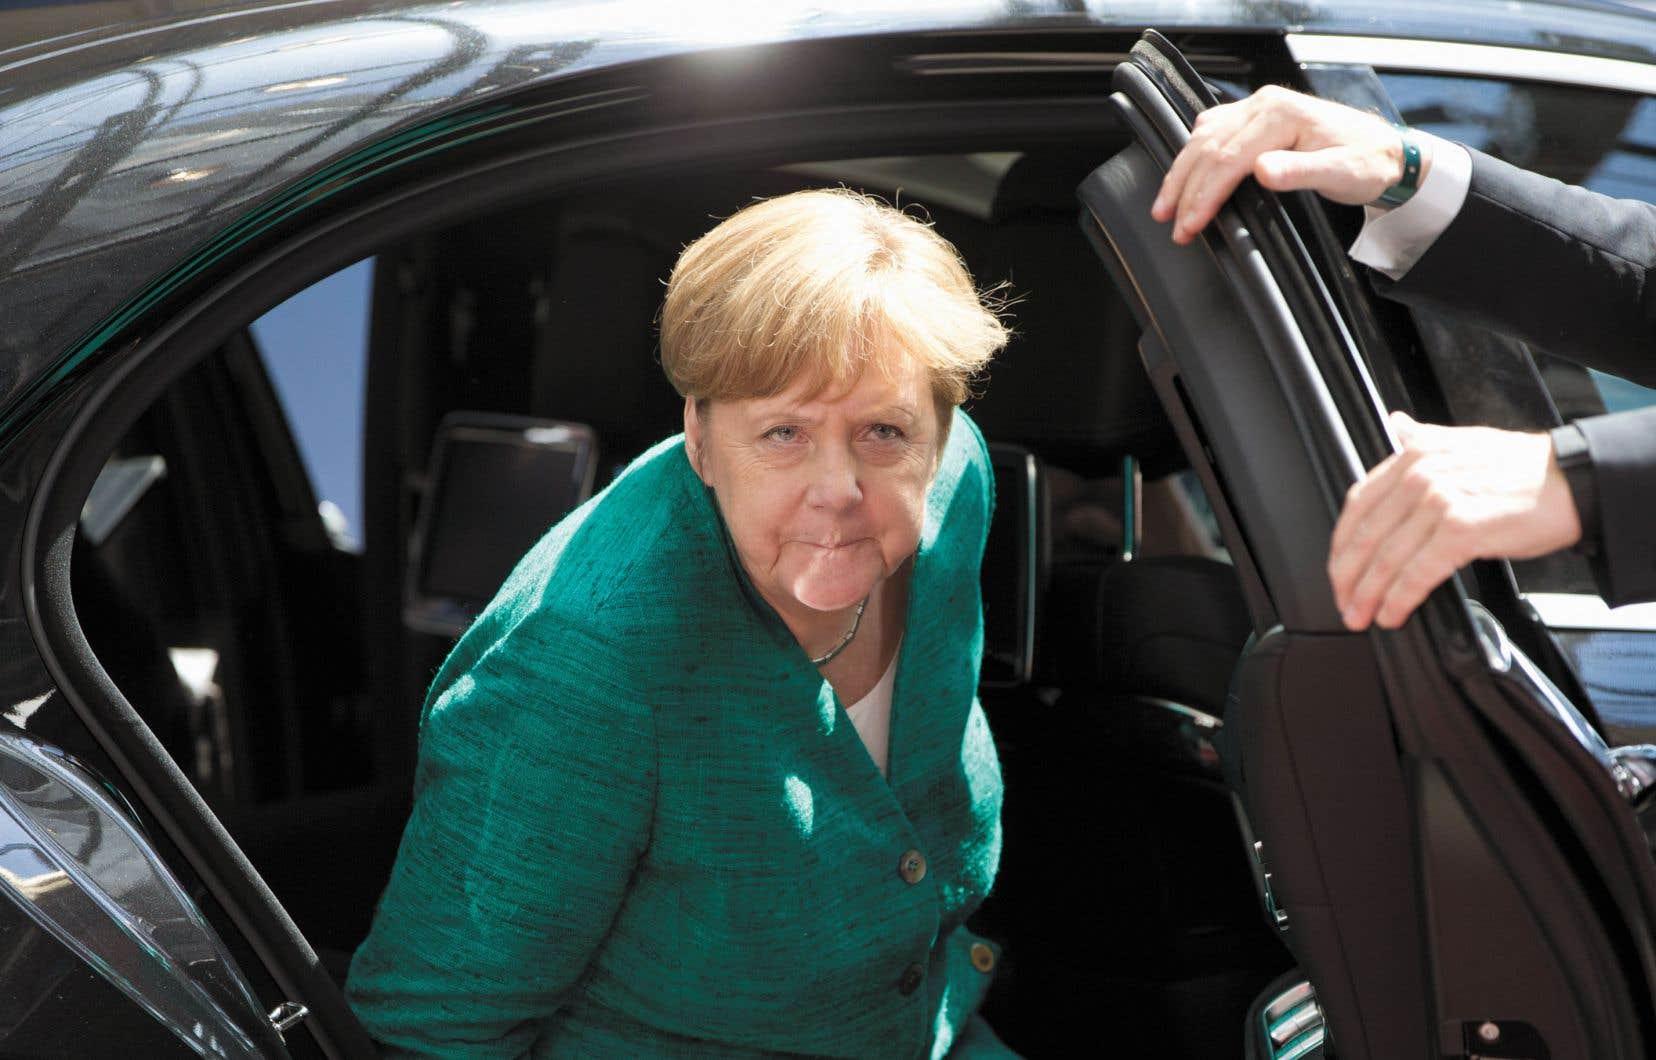 Jeudi, à Bruxelles, Angela Merkel a assisté, avec d'autres chefs d'État, à un sommet de l'Union européenne pour discuter de la crise migratoire.